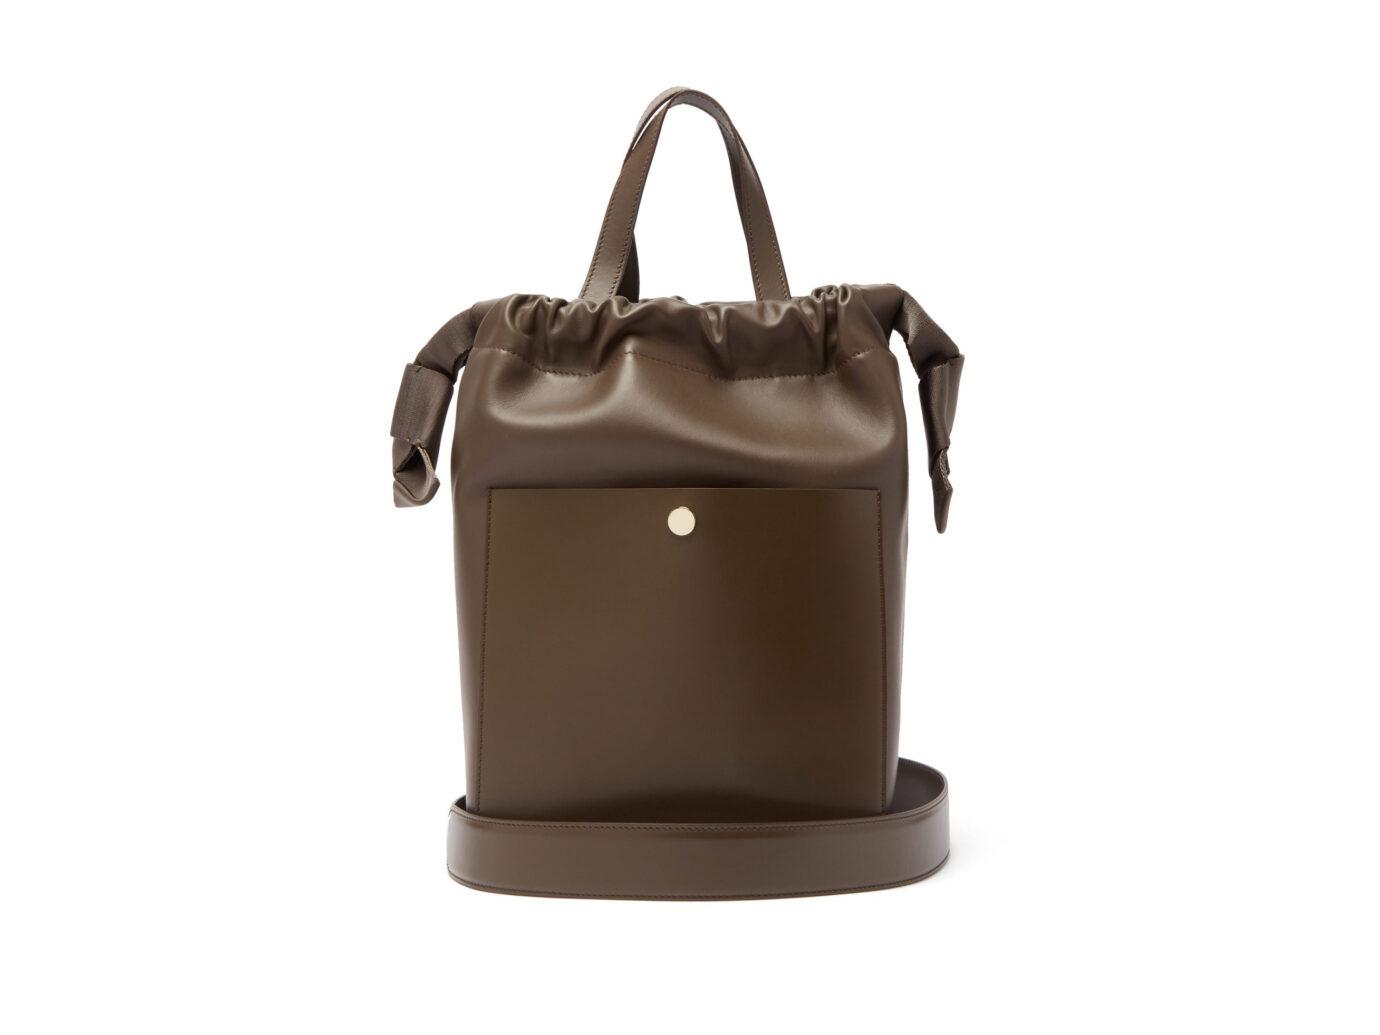 Sophie Hulme Knot leather shoulder bag